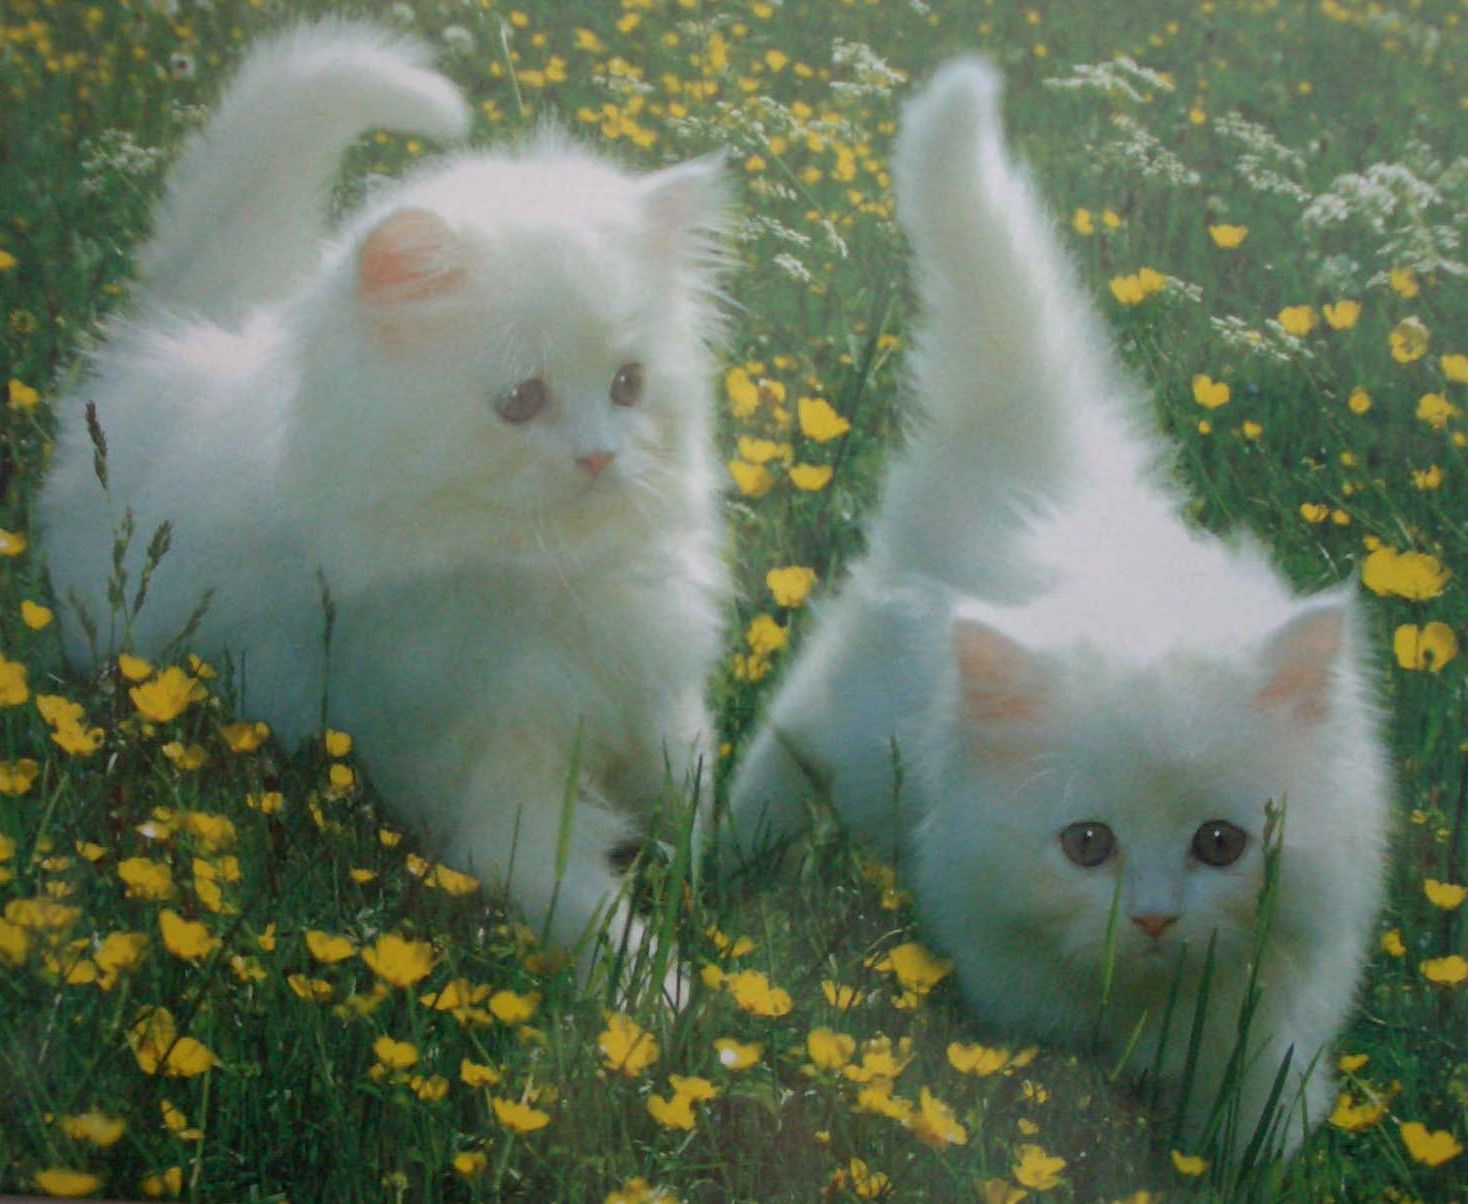 http://3.bp.blogspot.com/_Gp3eyyuZWXI/TEUh3z94z_I/AAAAAAAALSg/T4hQ2FH6tRs/s1600/b3.jpg